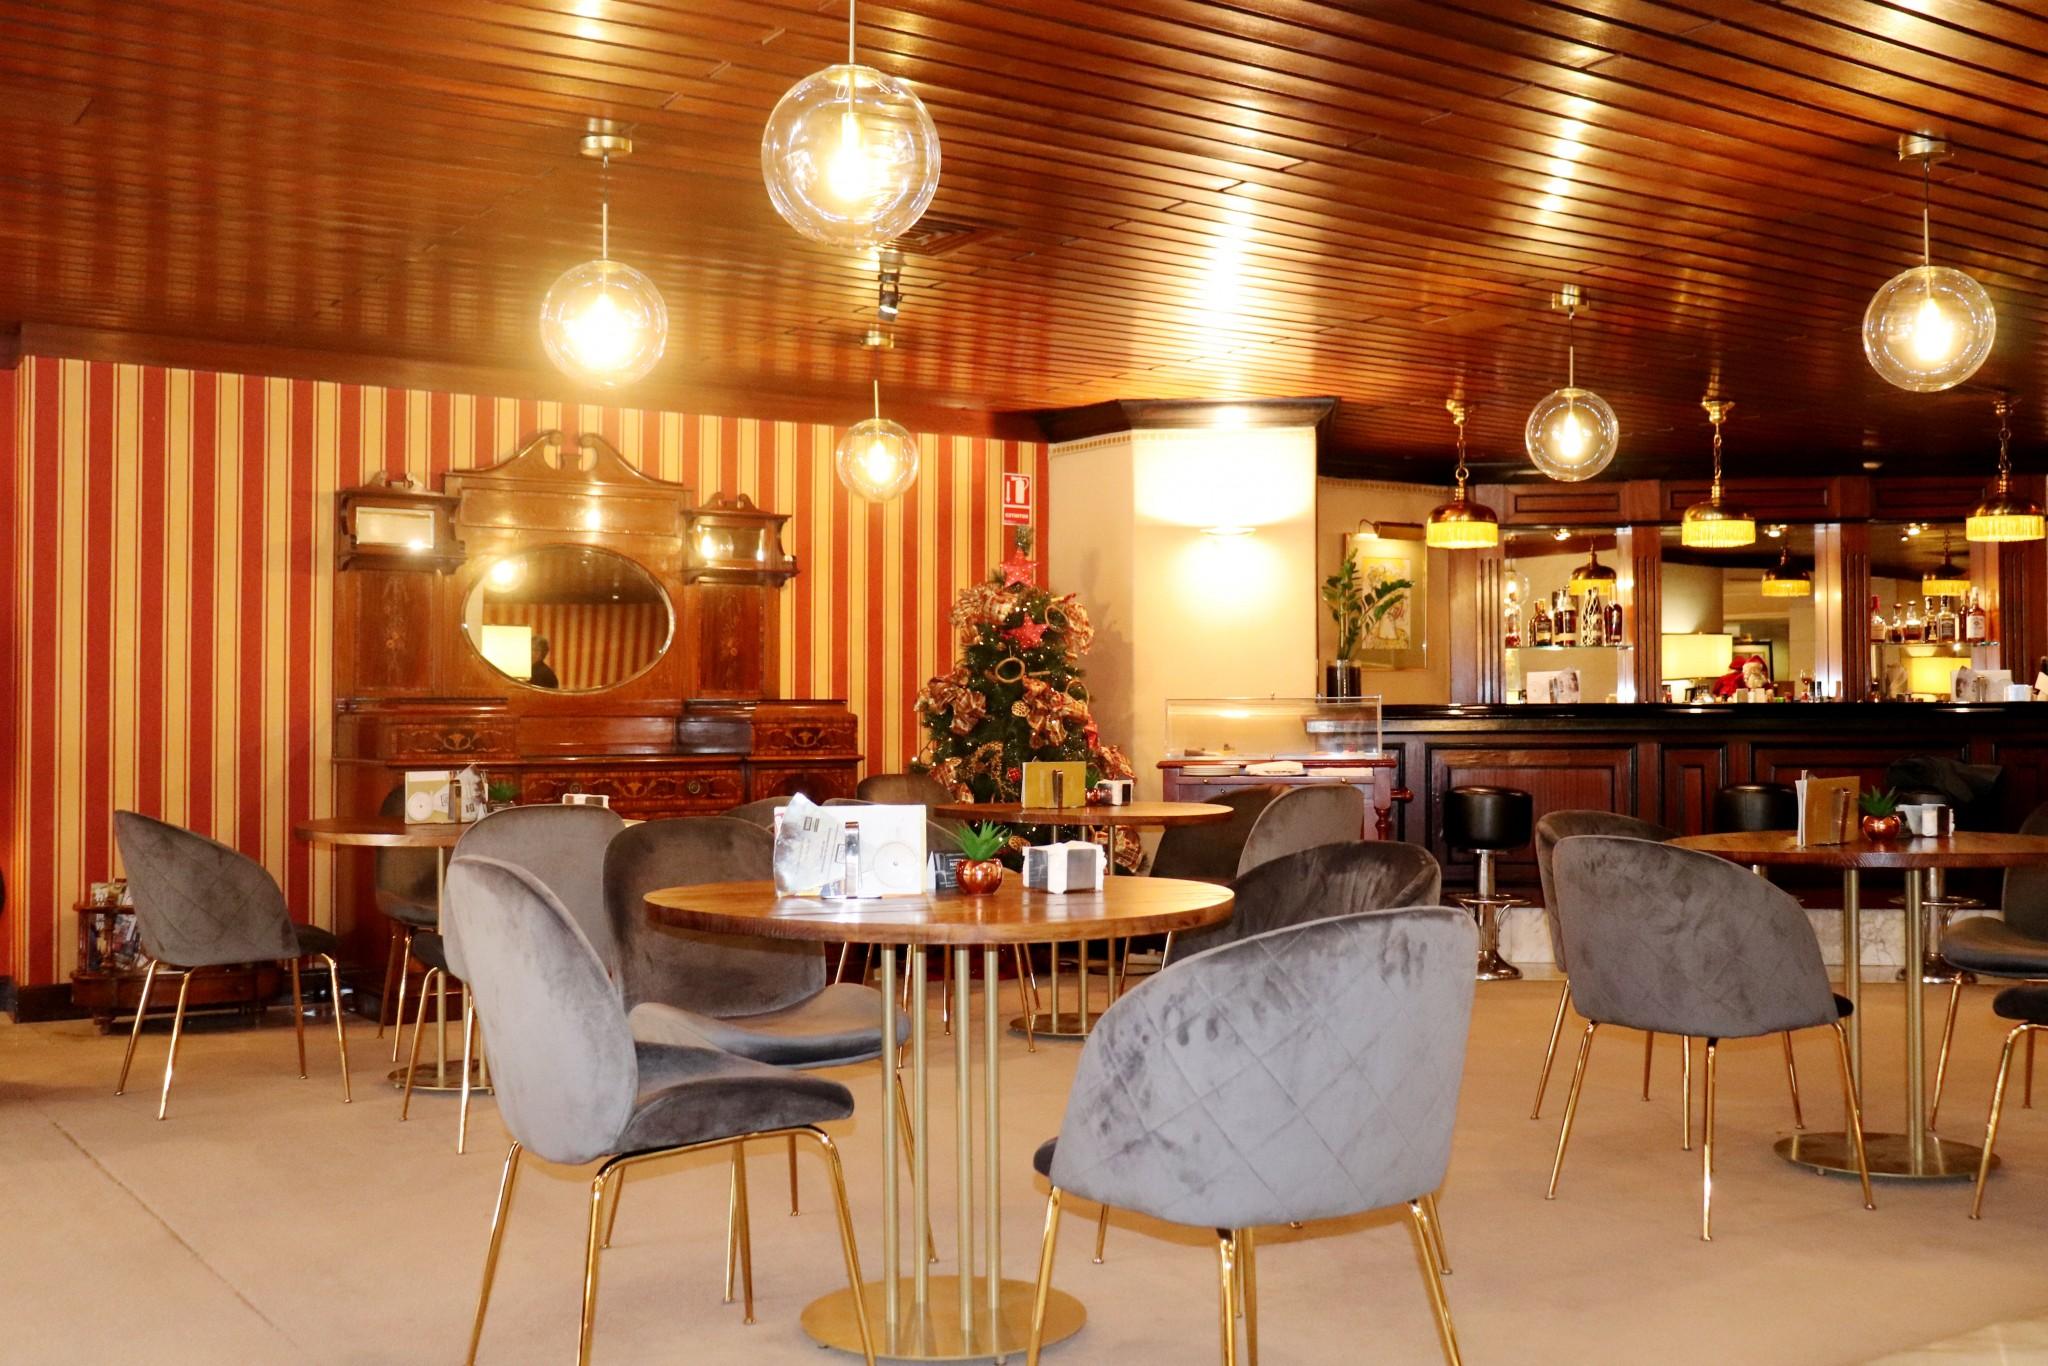 Los elegantes chester marieta llegan al lobby bar del hotel miguel angel hotel miguel ngel - Muebles miguel angel cadiz ...